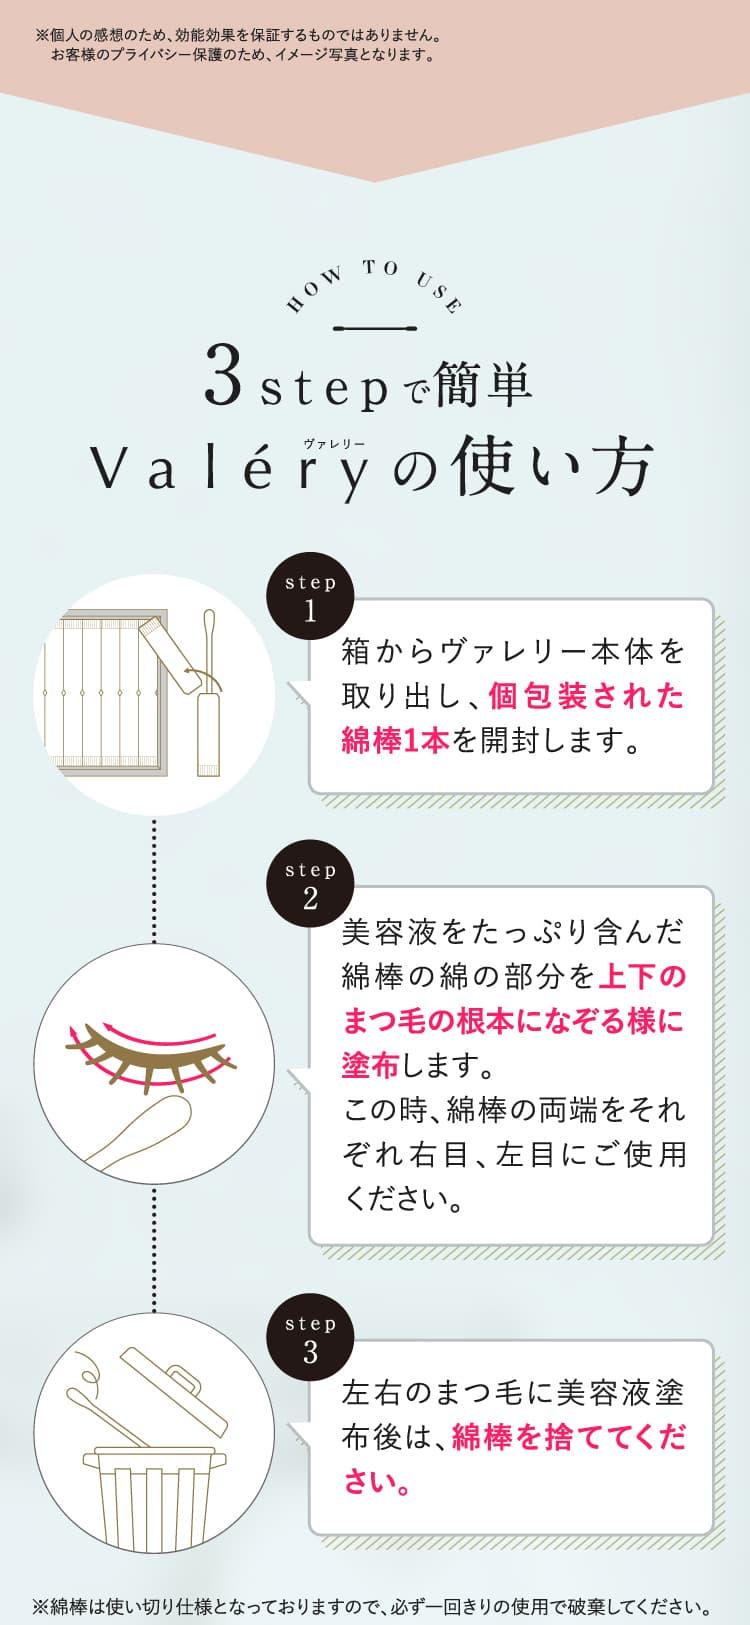 3stepで簡単!Valery(ヴァレリー)の使い方。